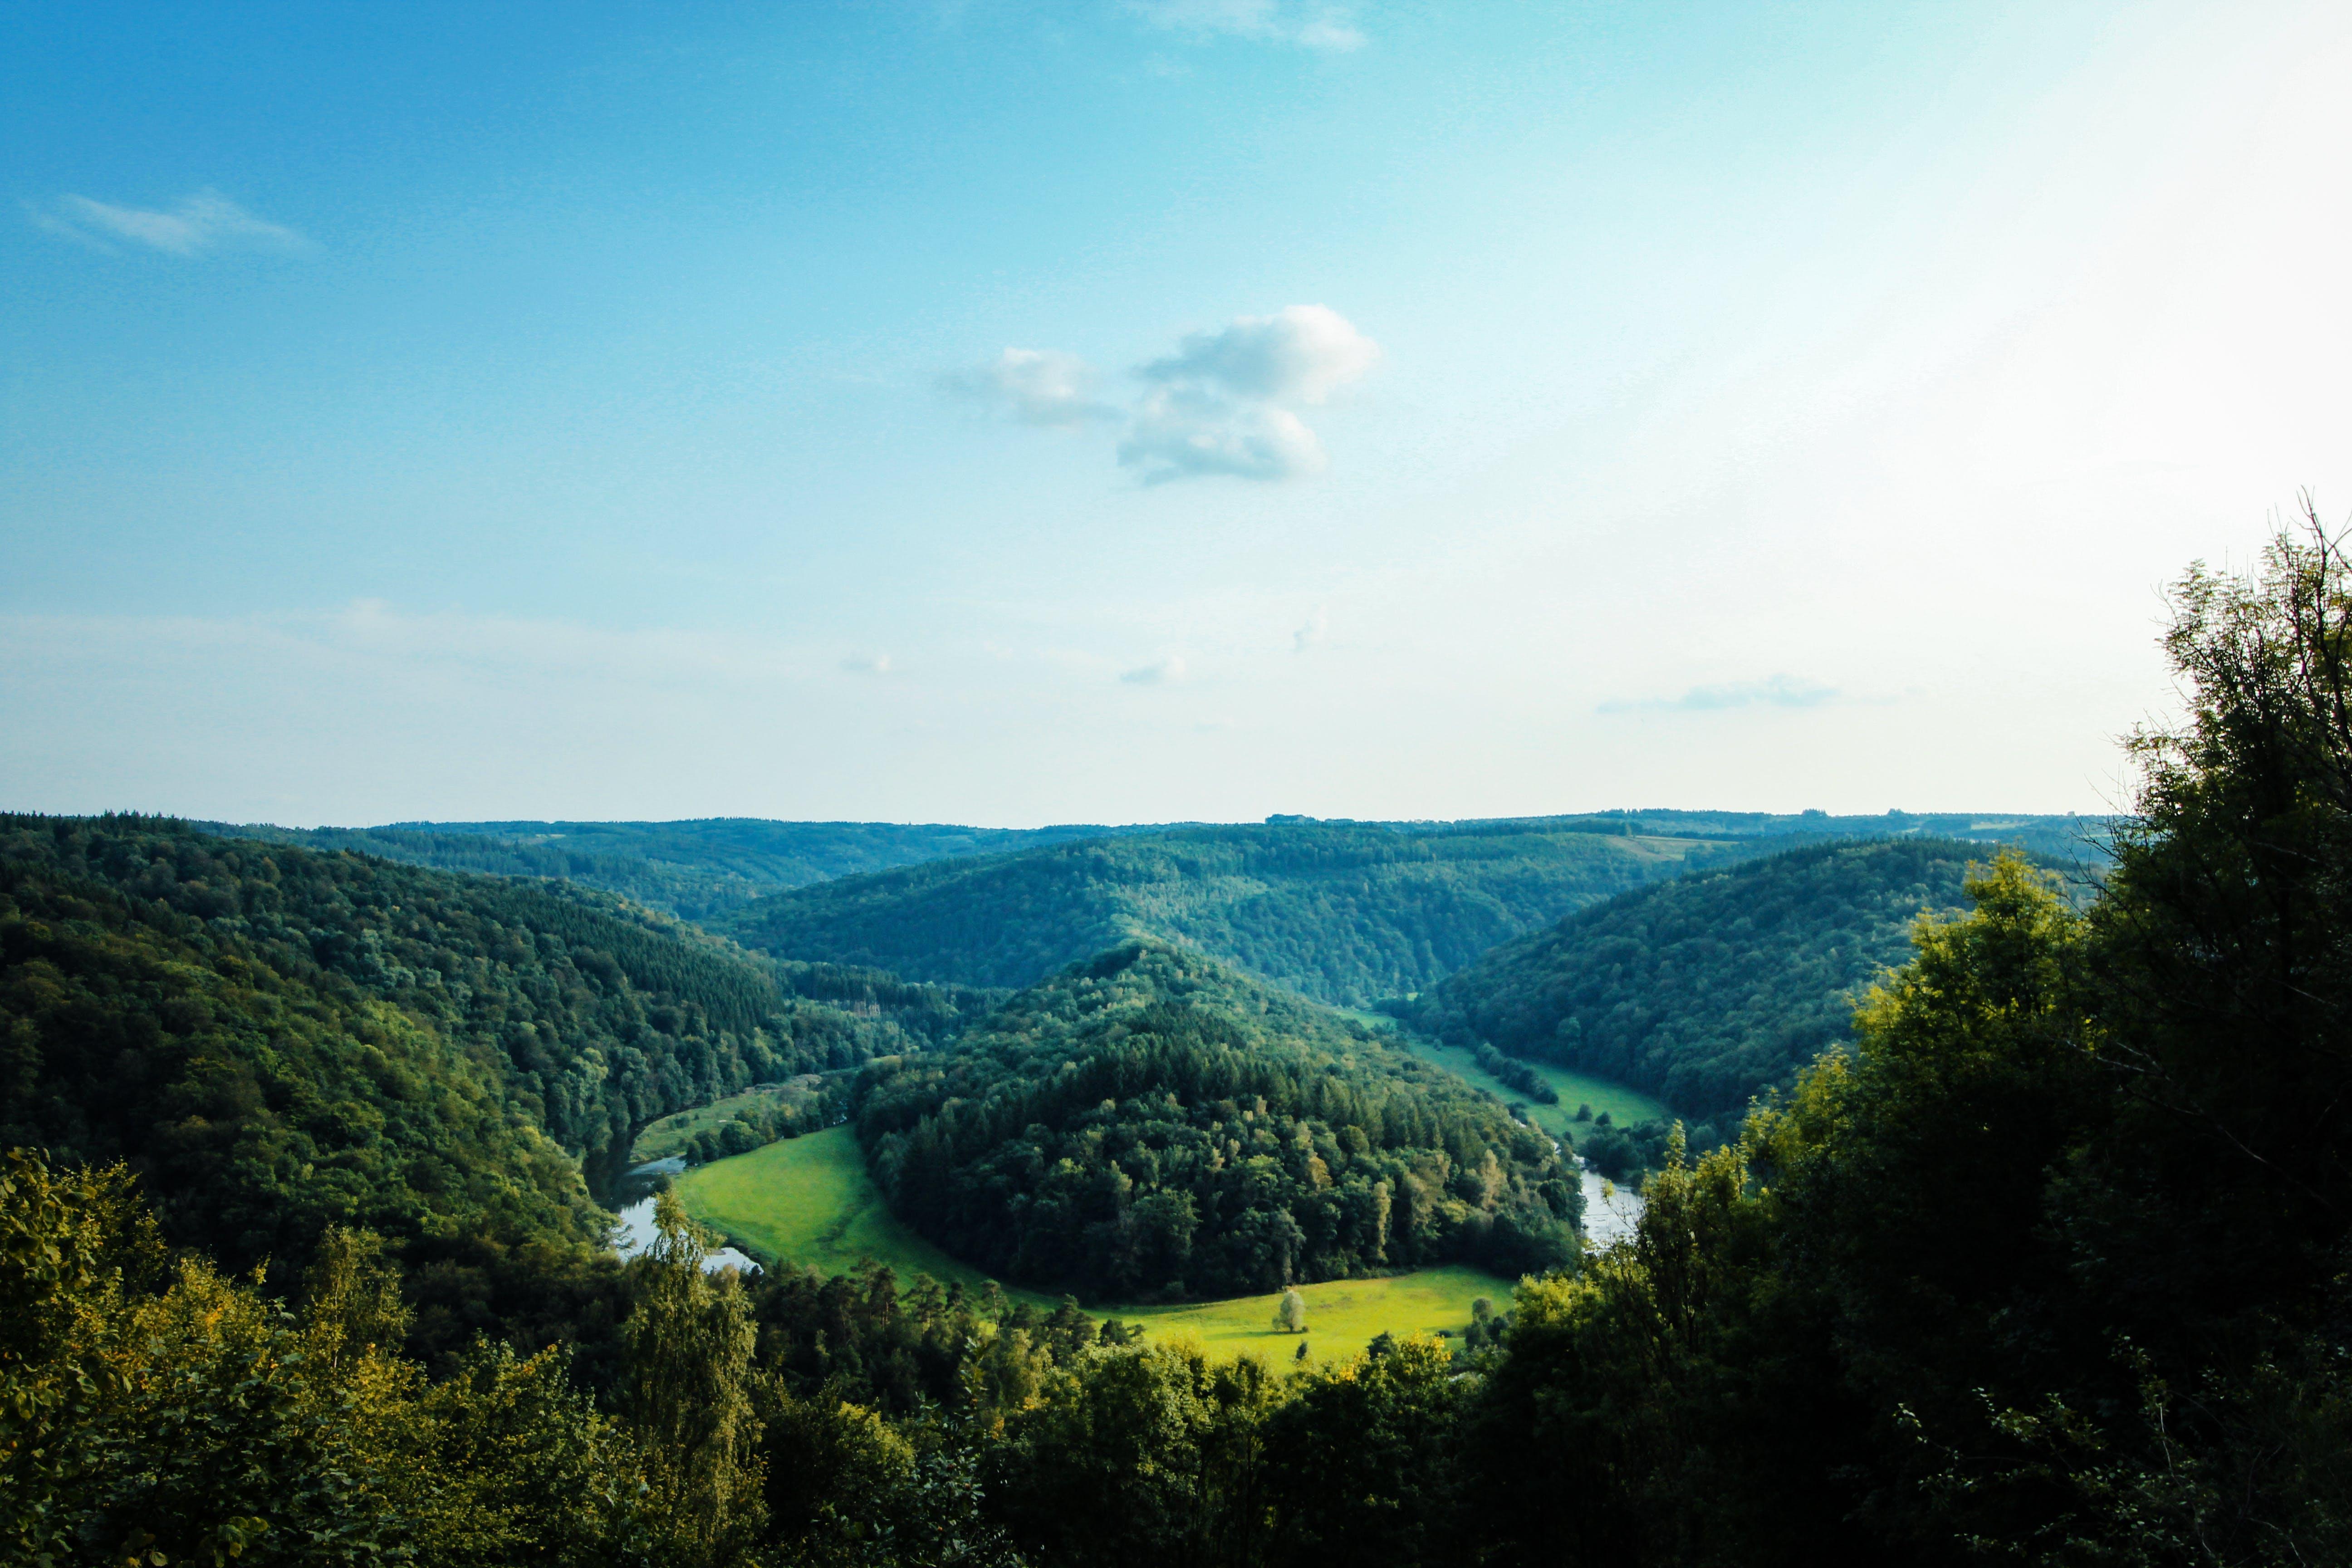 Δωρεάν στοκ φωτογραφιών με highlands, βουνά, γαλήνιος, γραφικός